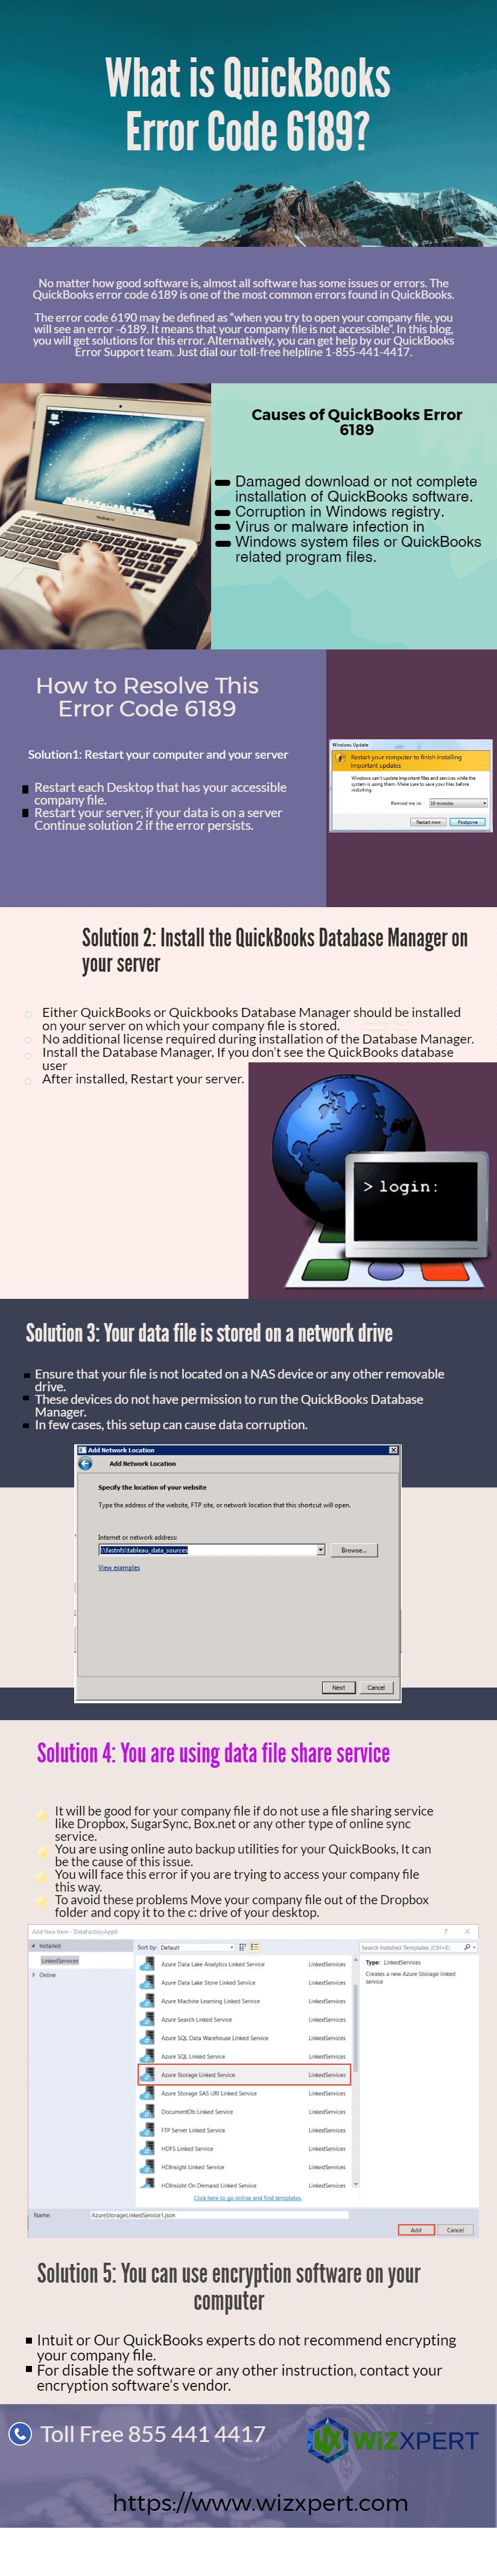 QuickBooks Error Code 6189 Infographic